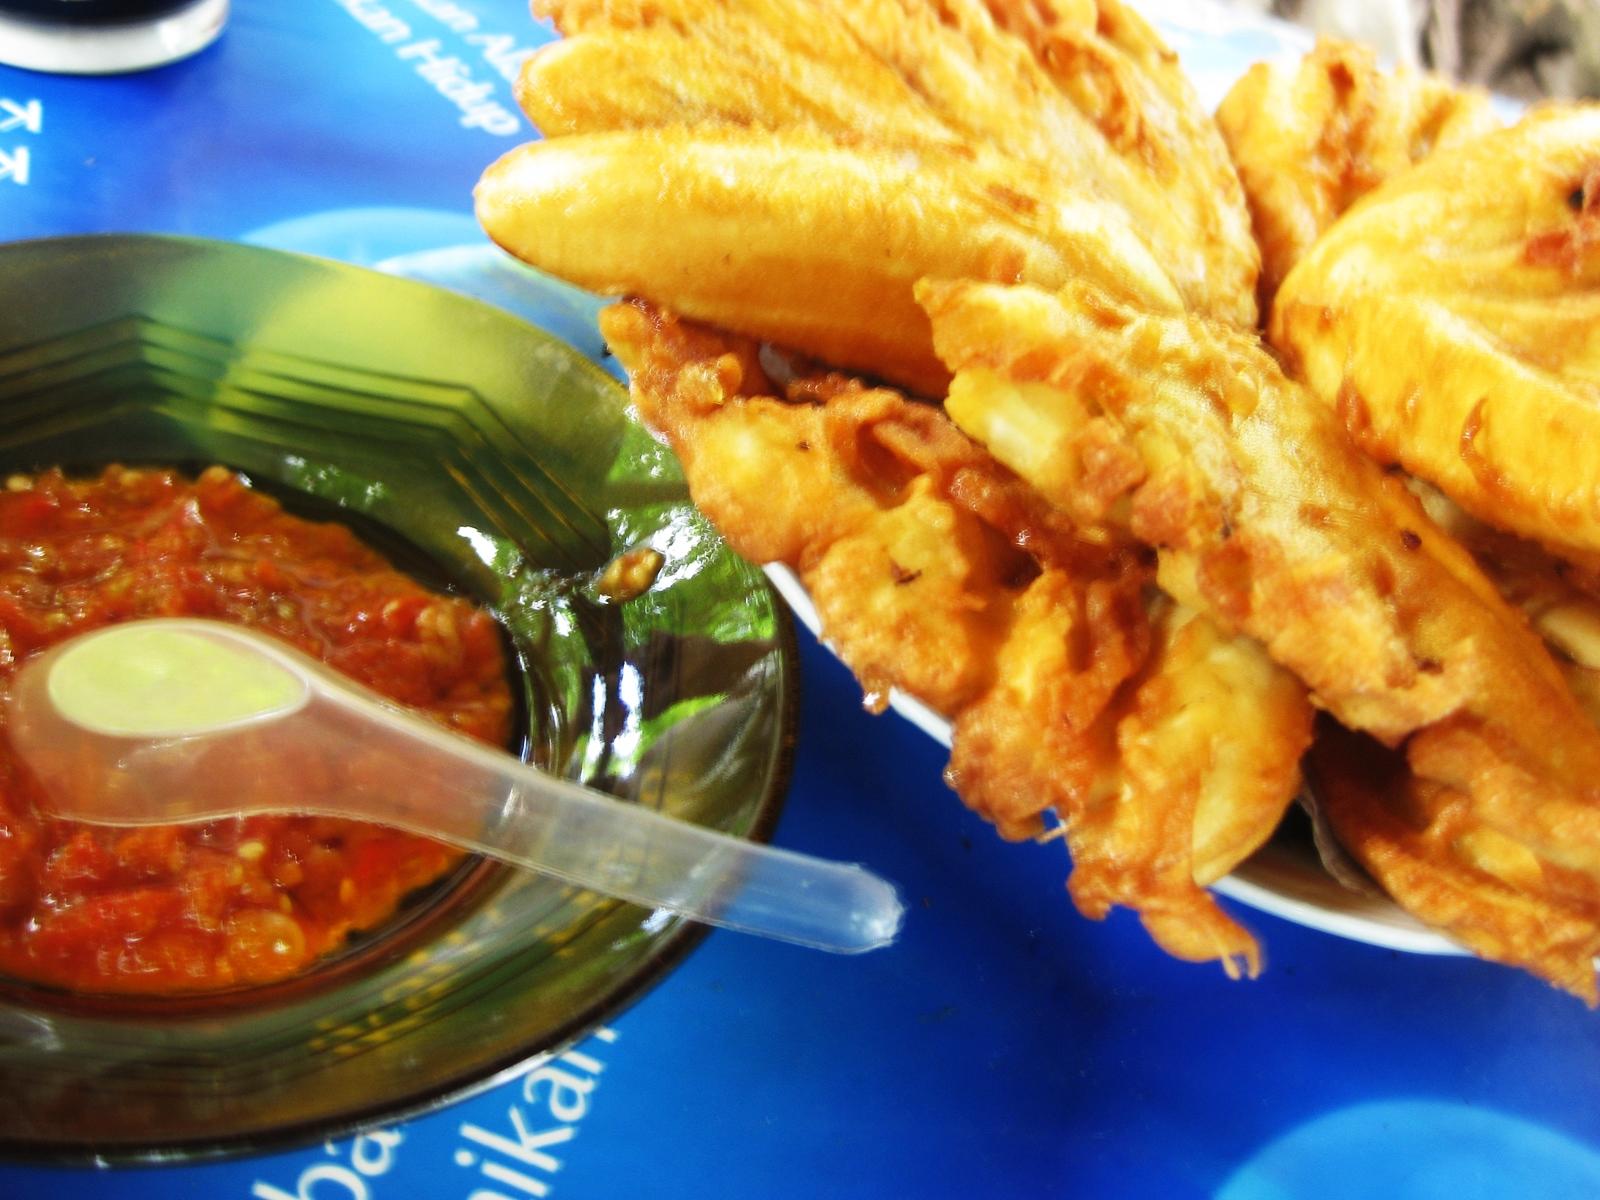 Kuliner Para Pecinta Kopi Di Jalan Roda Manado Wisata Sambal Roa Jakarta Dabu Namanya Ini Khas Daerah Minahasa Karena Racikan Dan Cara Pembuatannya Jarang Bisa Ditemui Lain